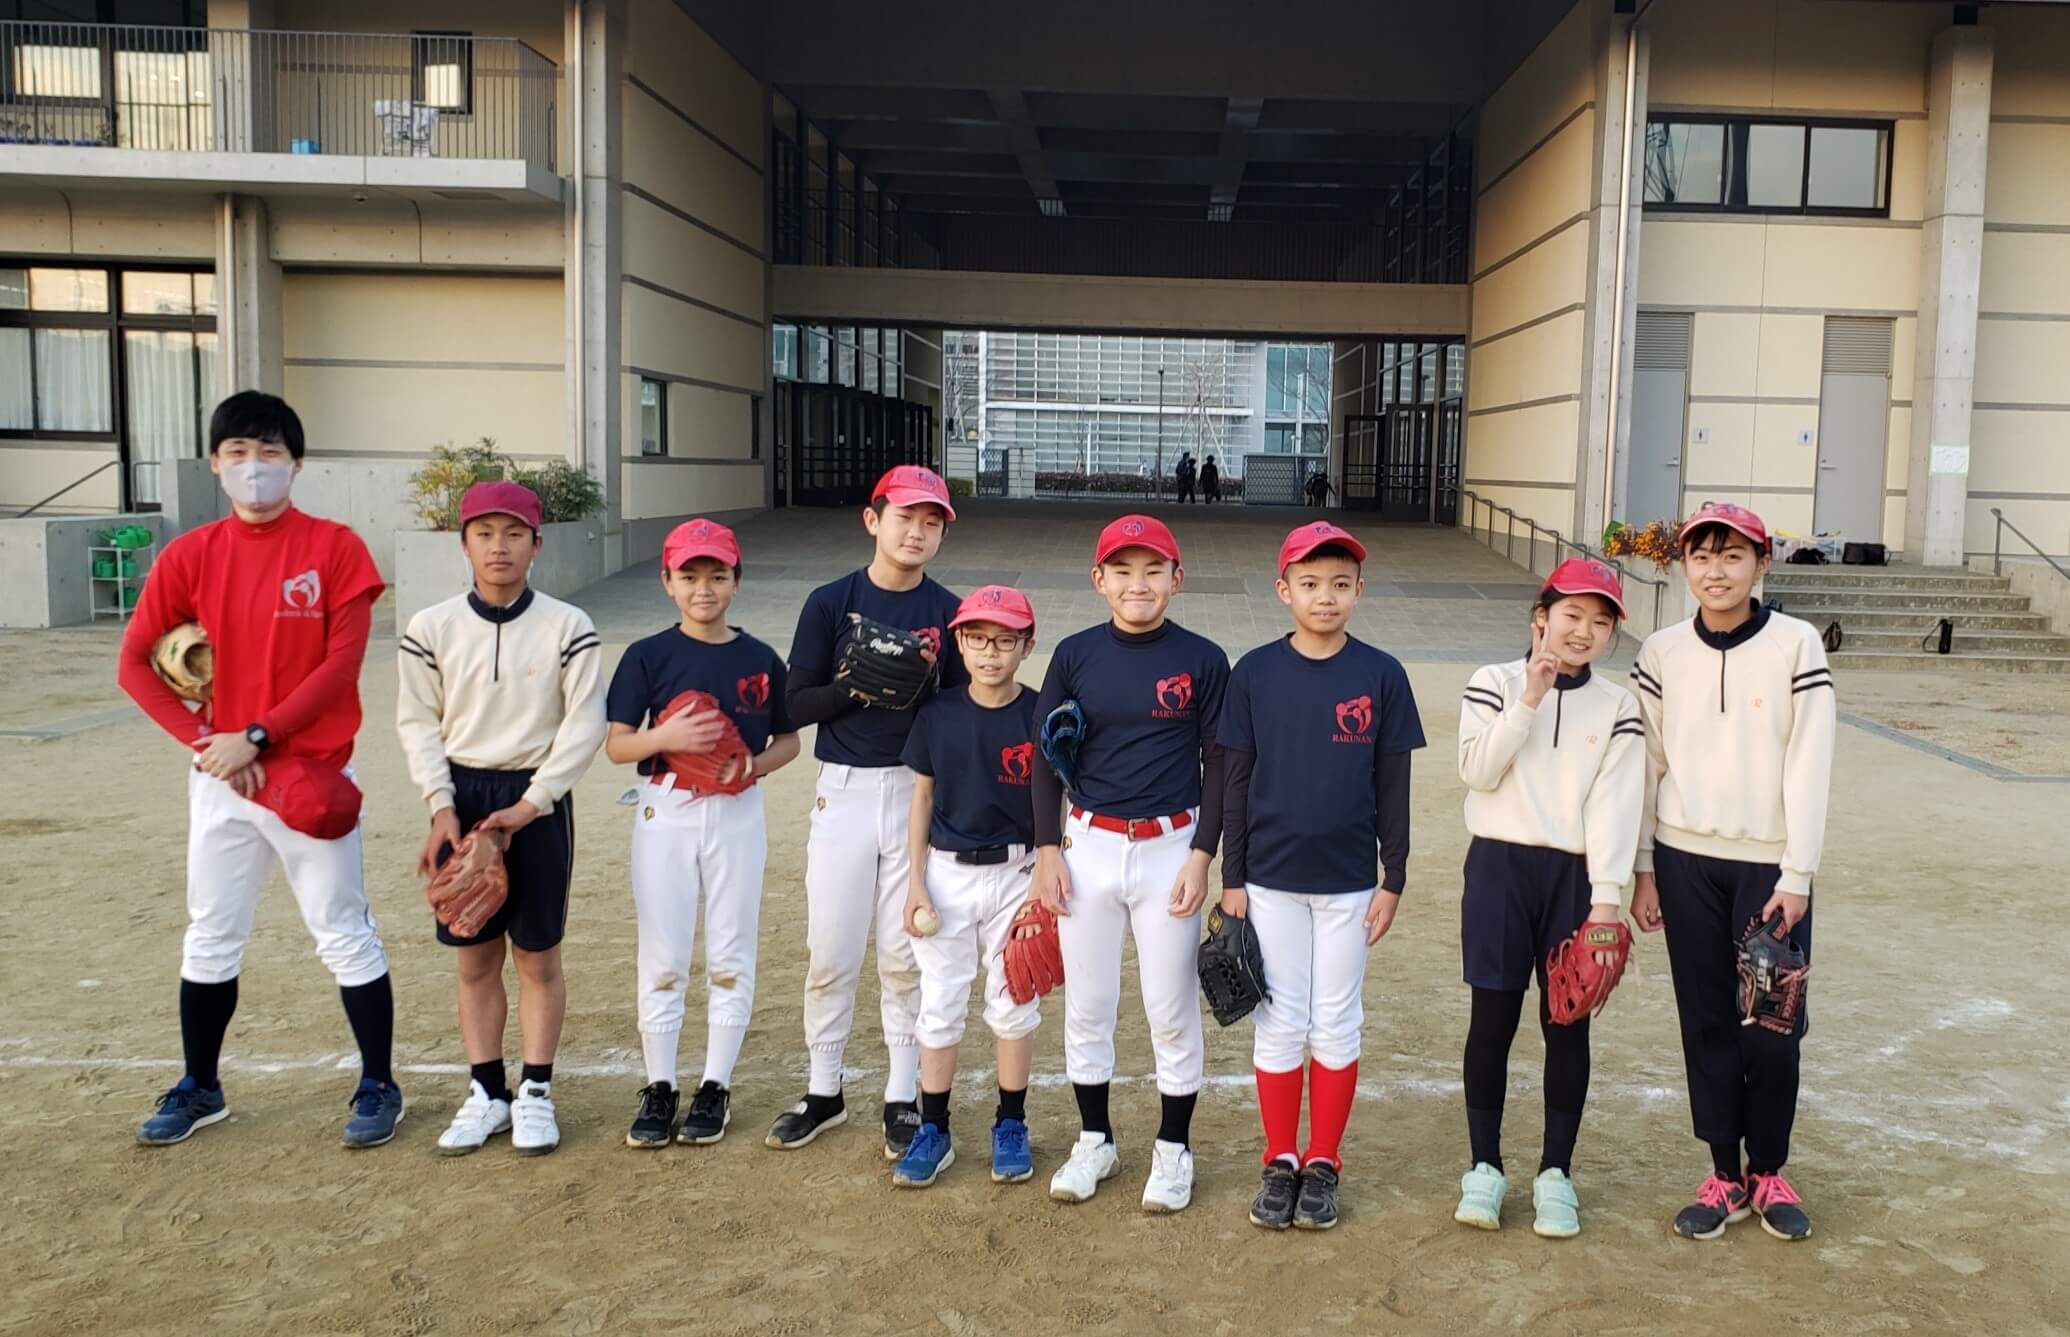 【野球S】洛南高等学校附属小学校 野球スクール